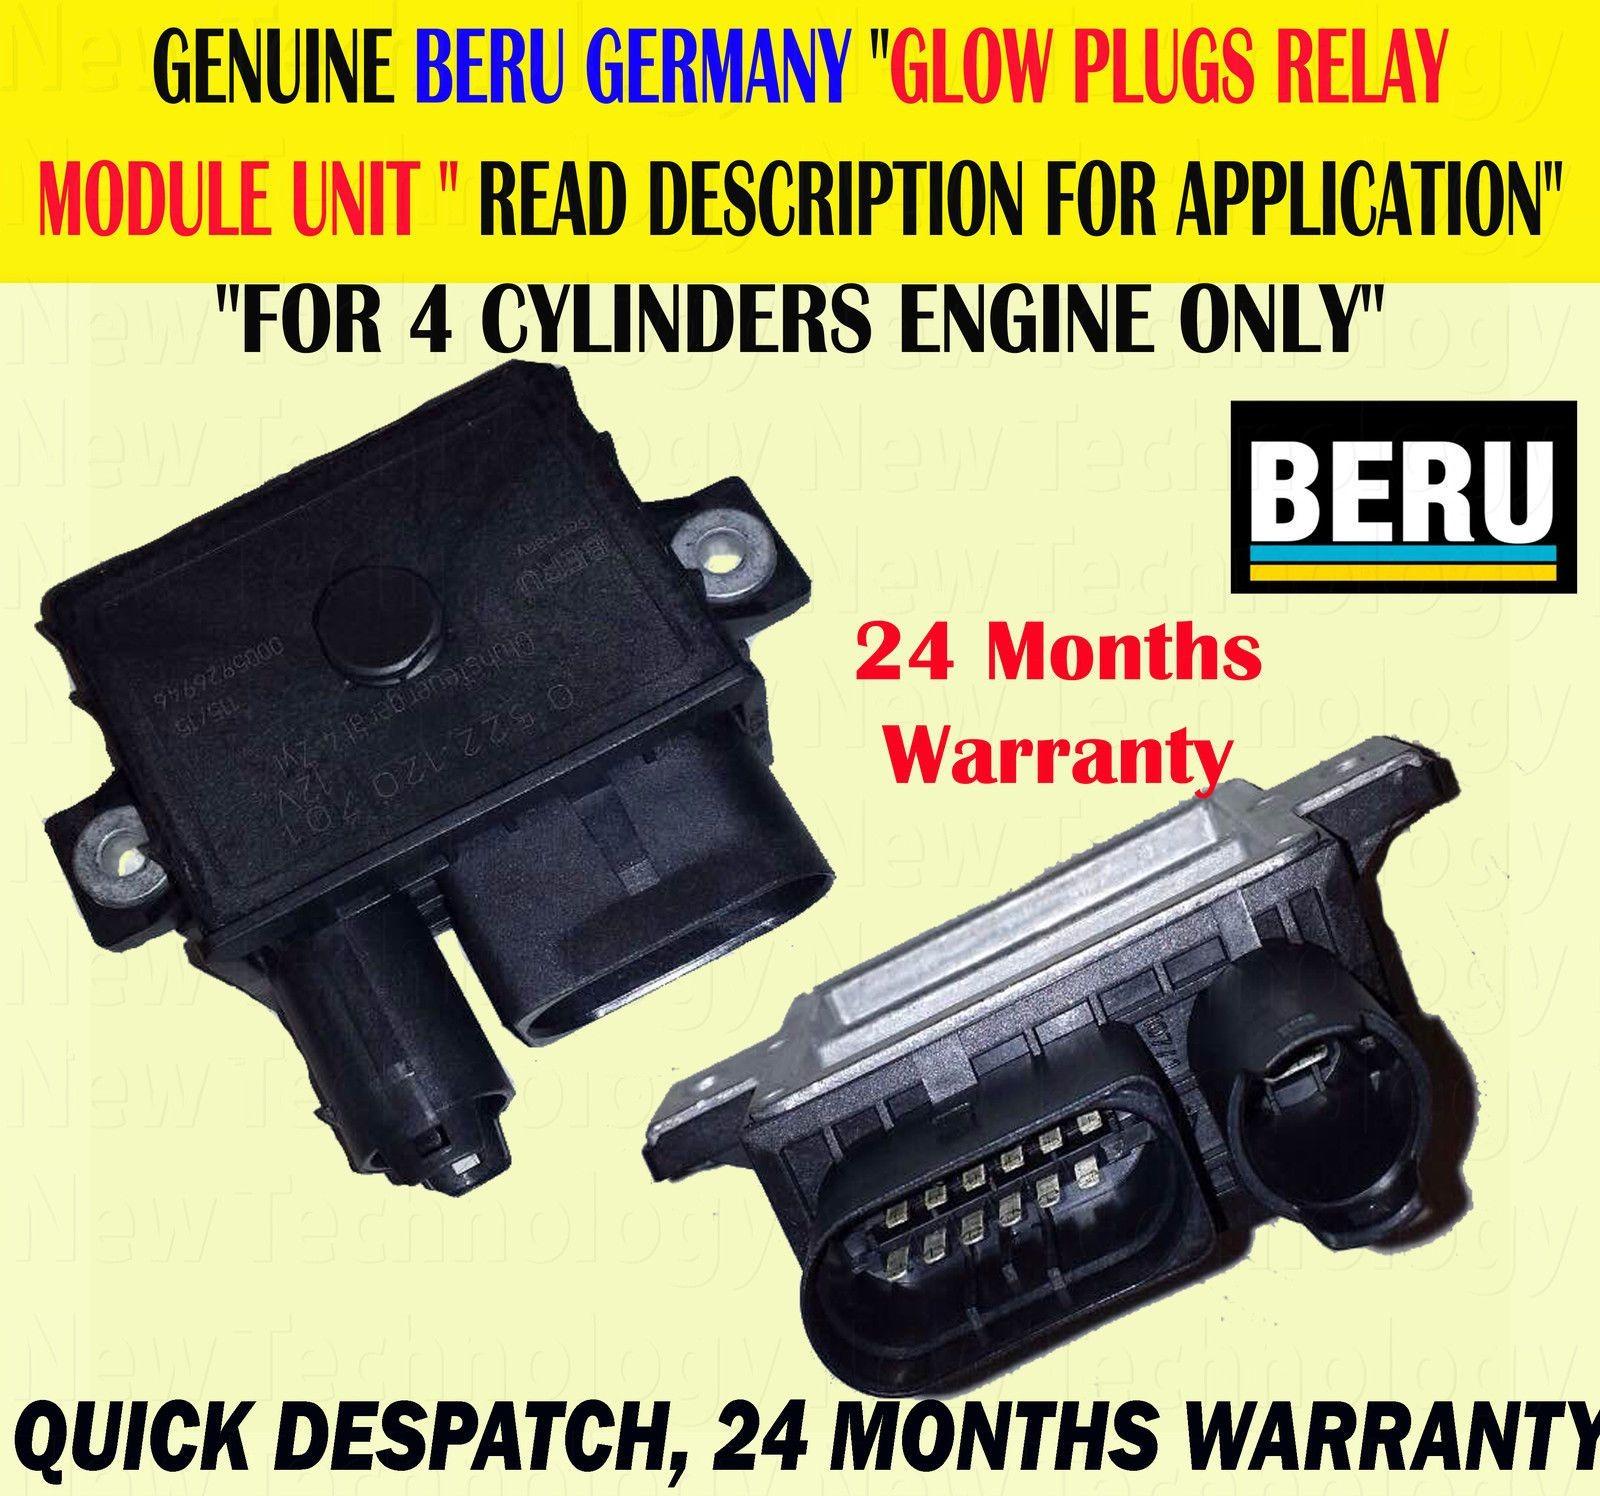 For BMW 1 5 SERIES 118D 120D 520D X3 2 0D GLOW PLUG RELAY CONTROL MODULE UNIT